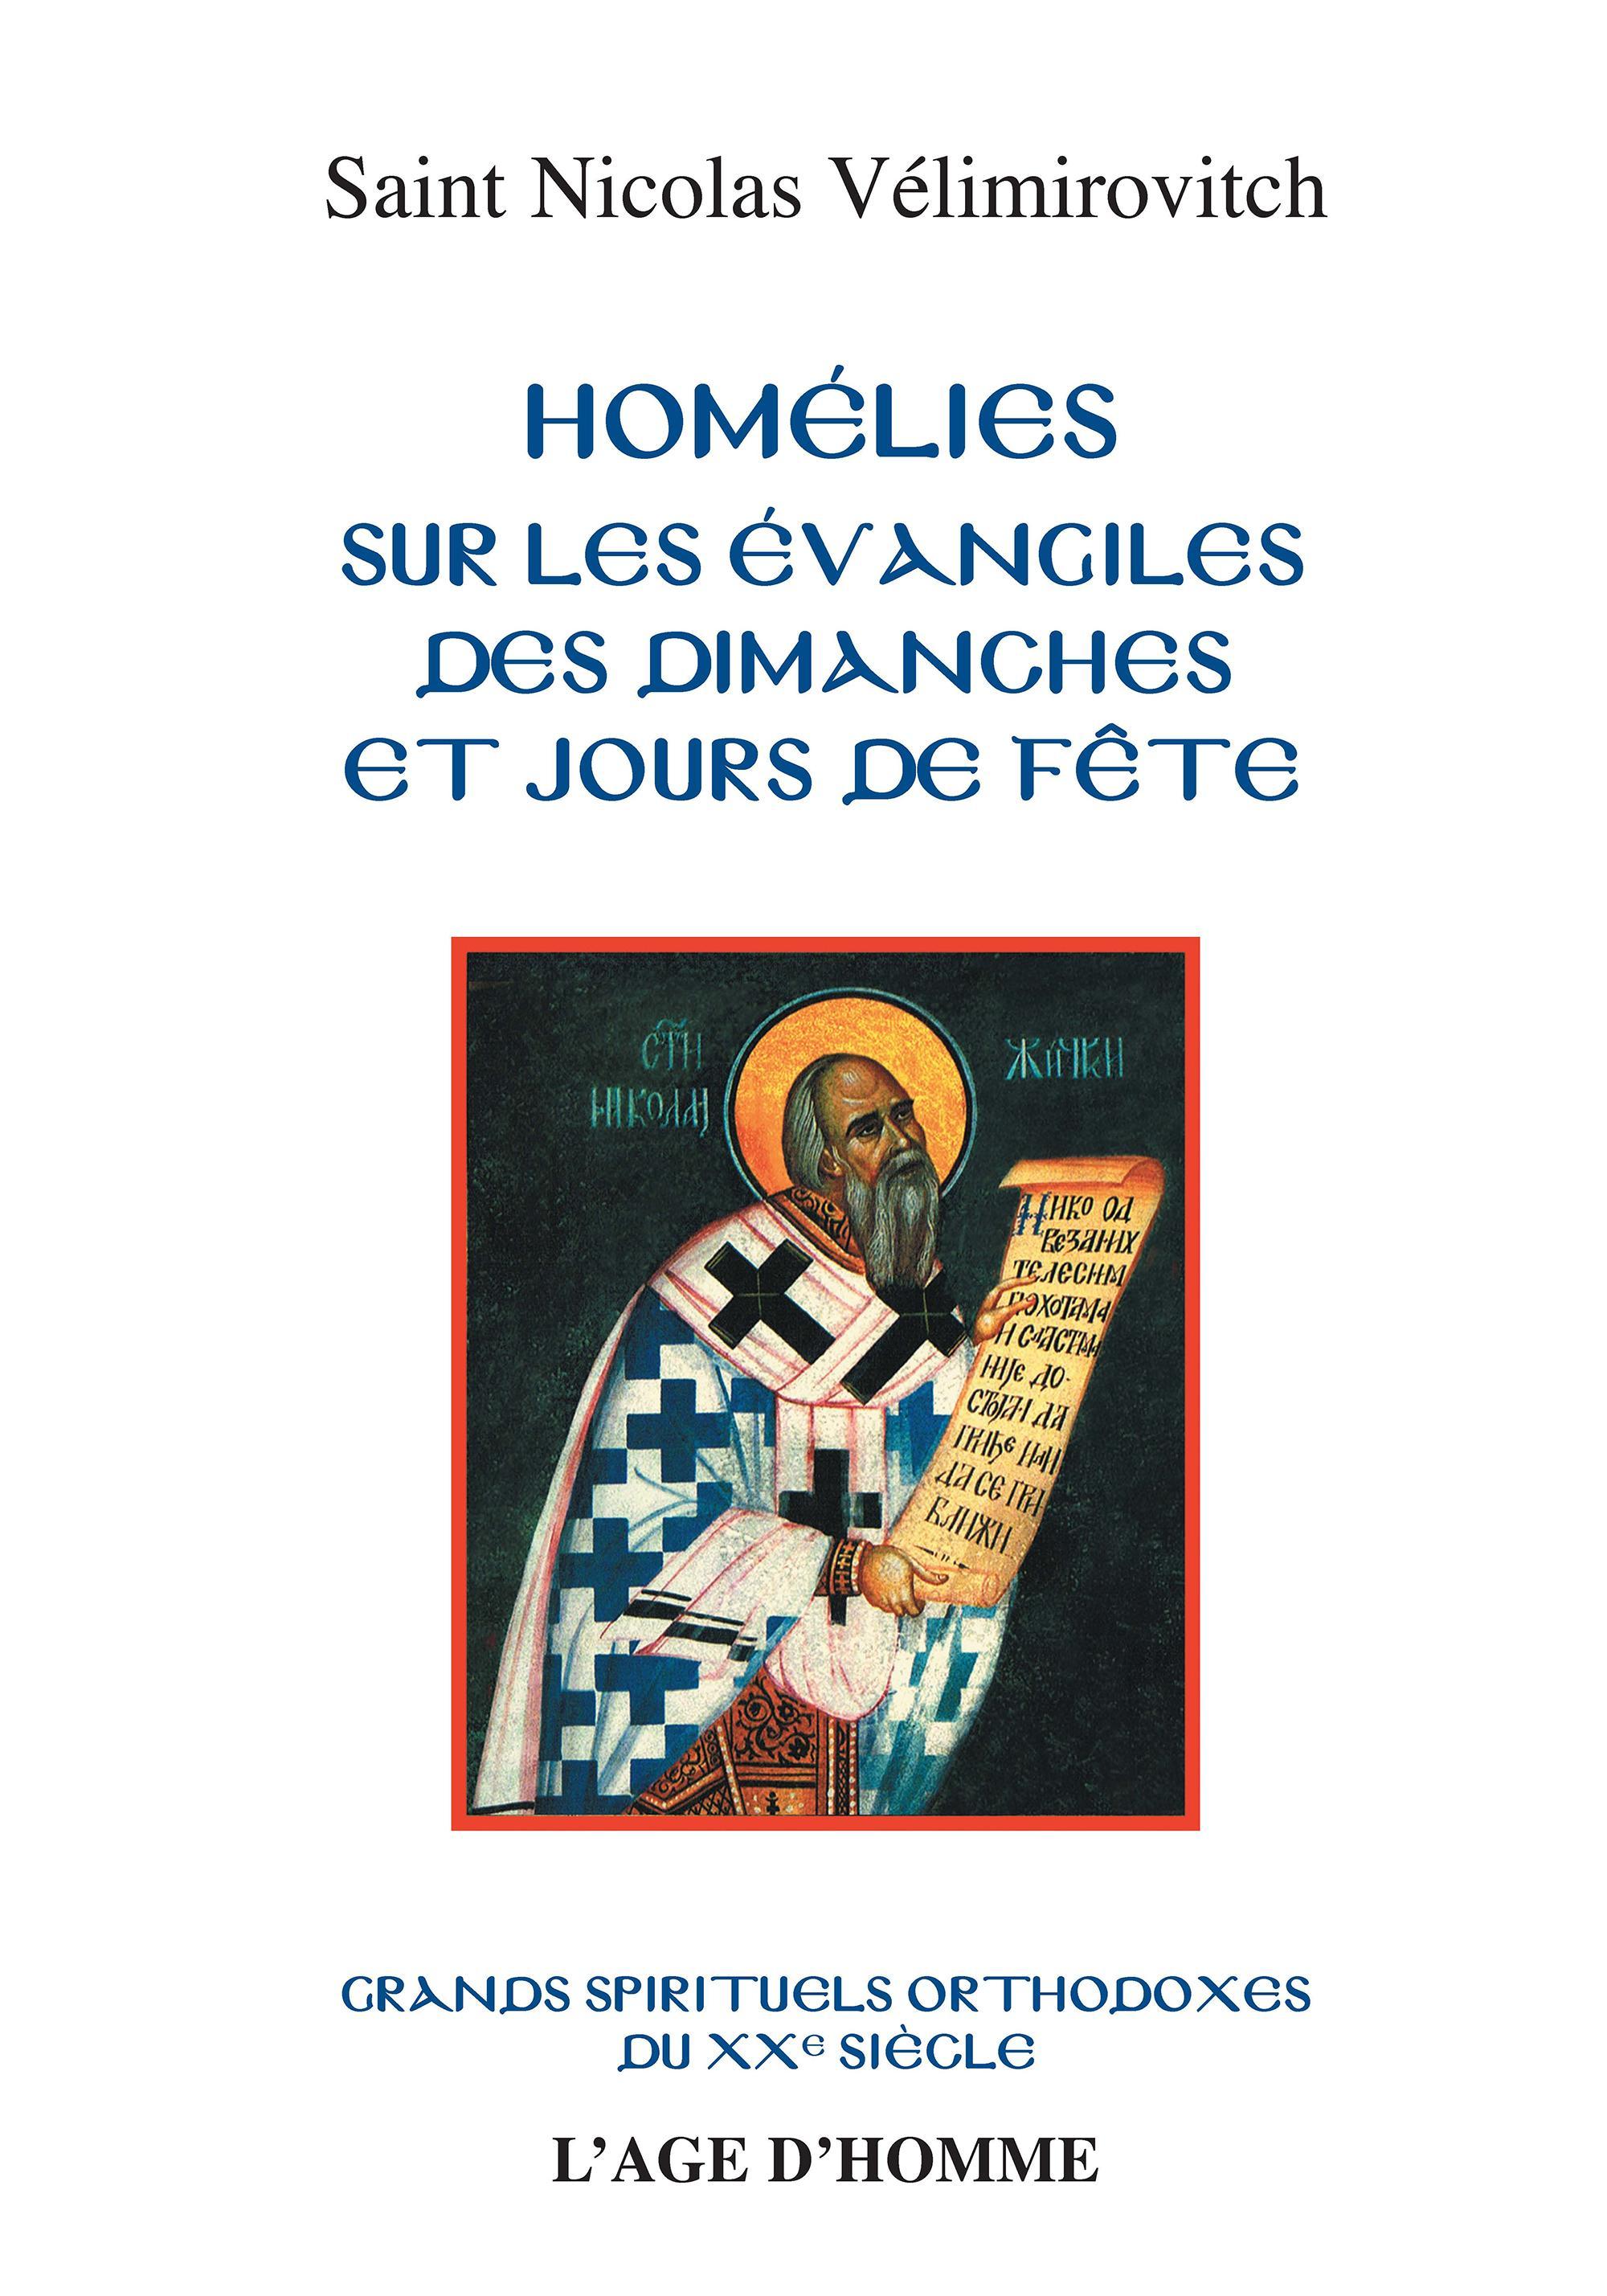 St Nicolas Velimirovitch - Homélies sur les Évangiles des dimanches et des jours de fête